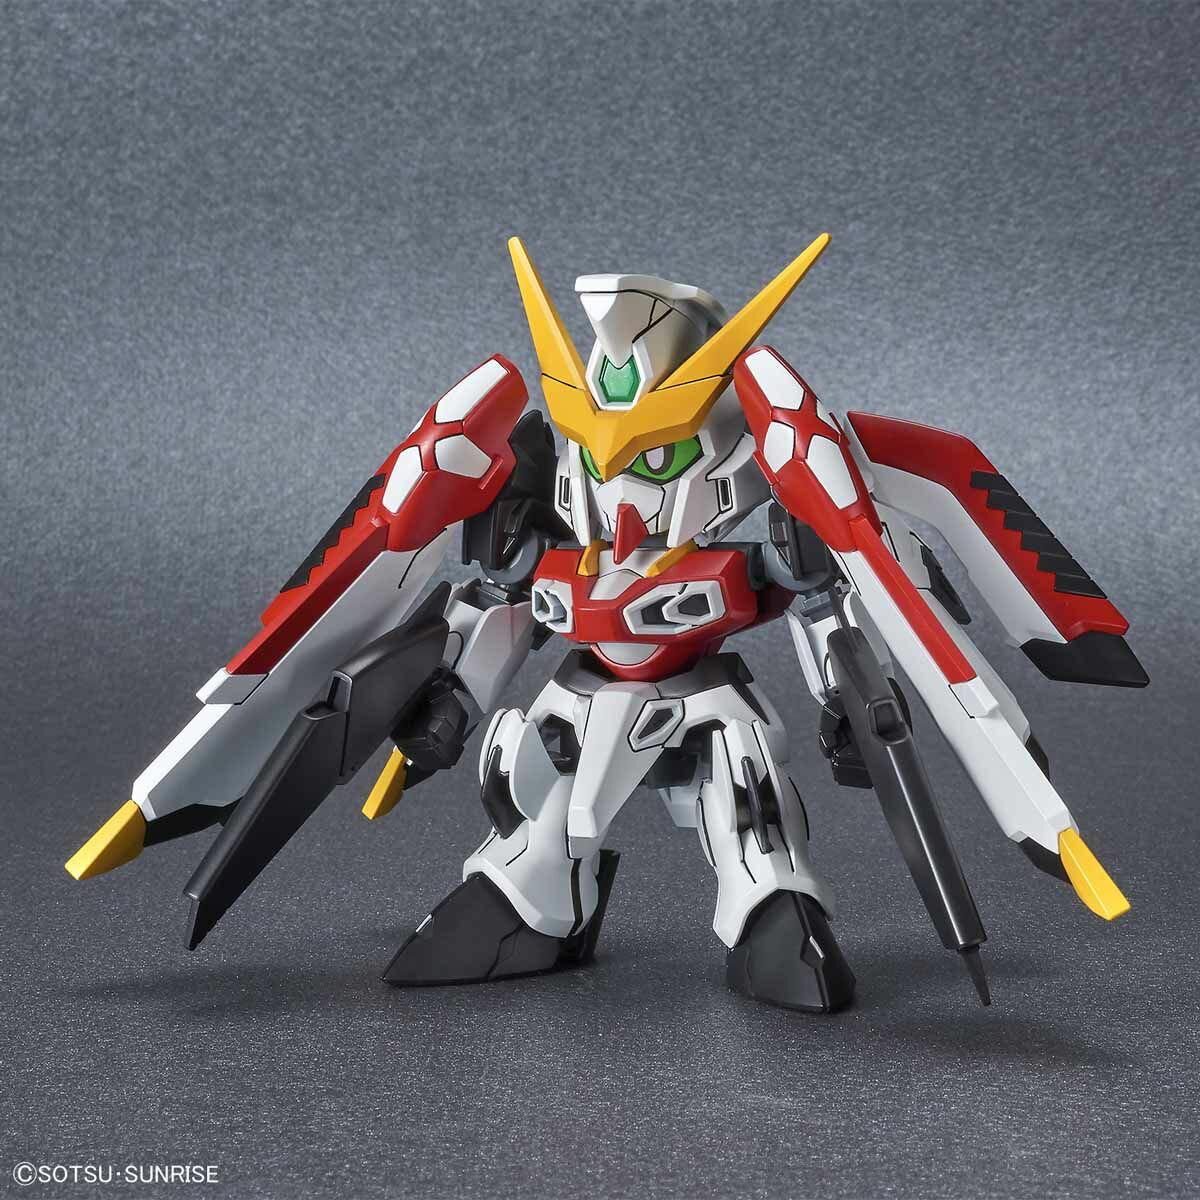 ☆勳寶玩具舖【現貨】萬代 BANDAI 組裝模型 SD鋼彈 SDCS #17 鳳凰鋼彈 Phoenix Gundam